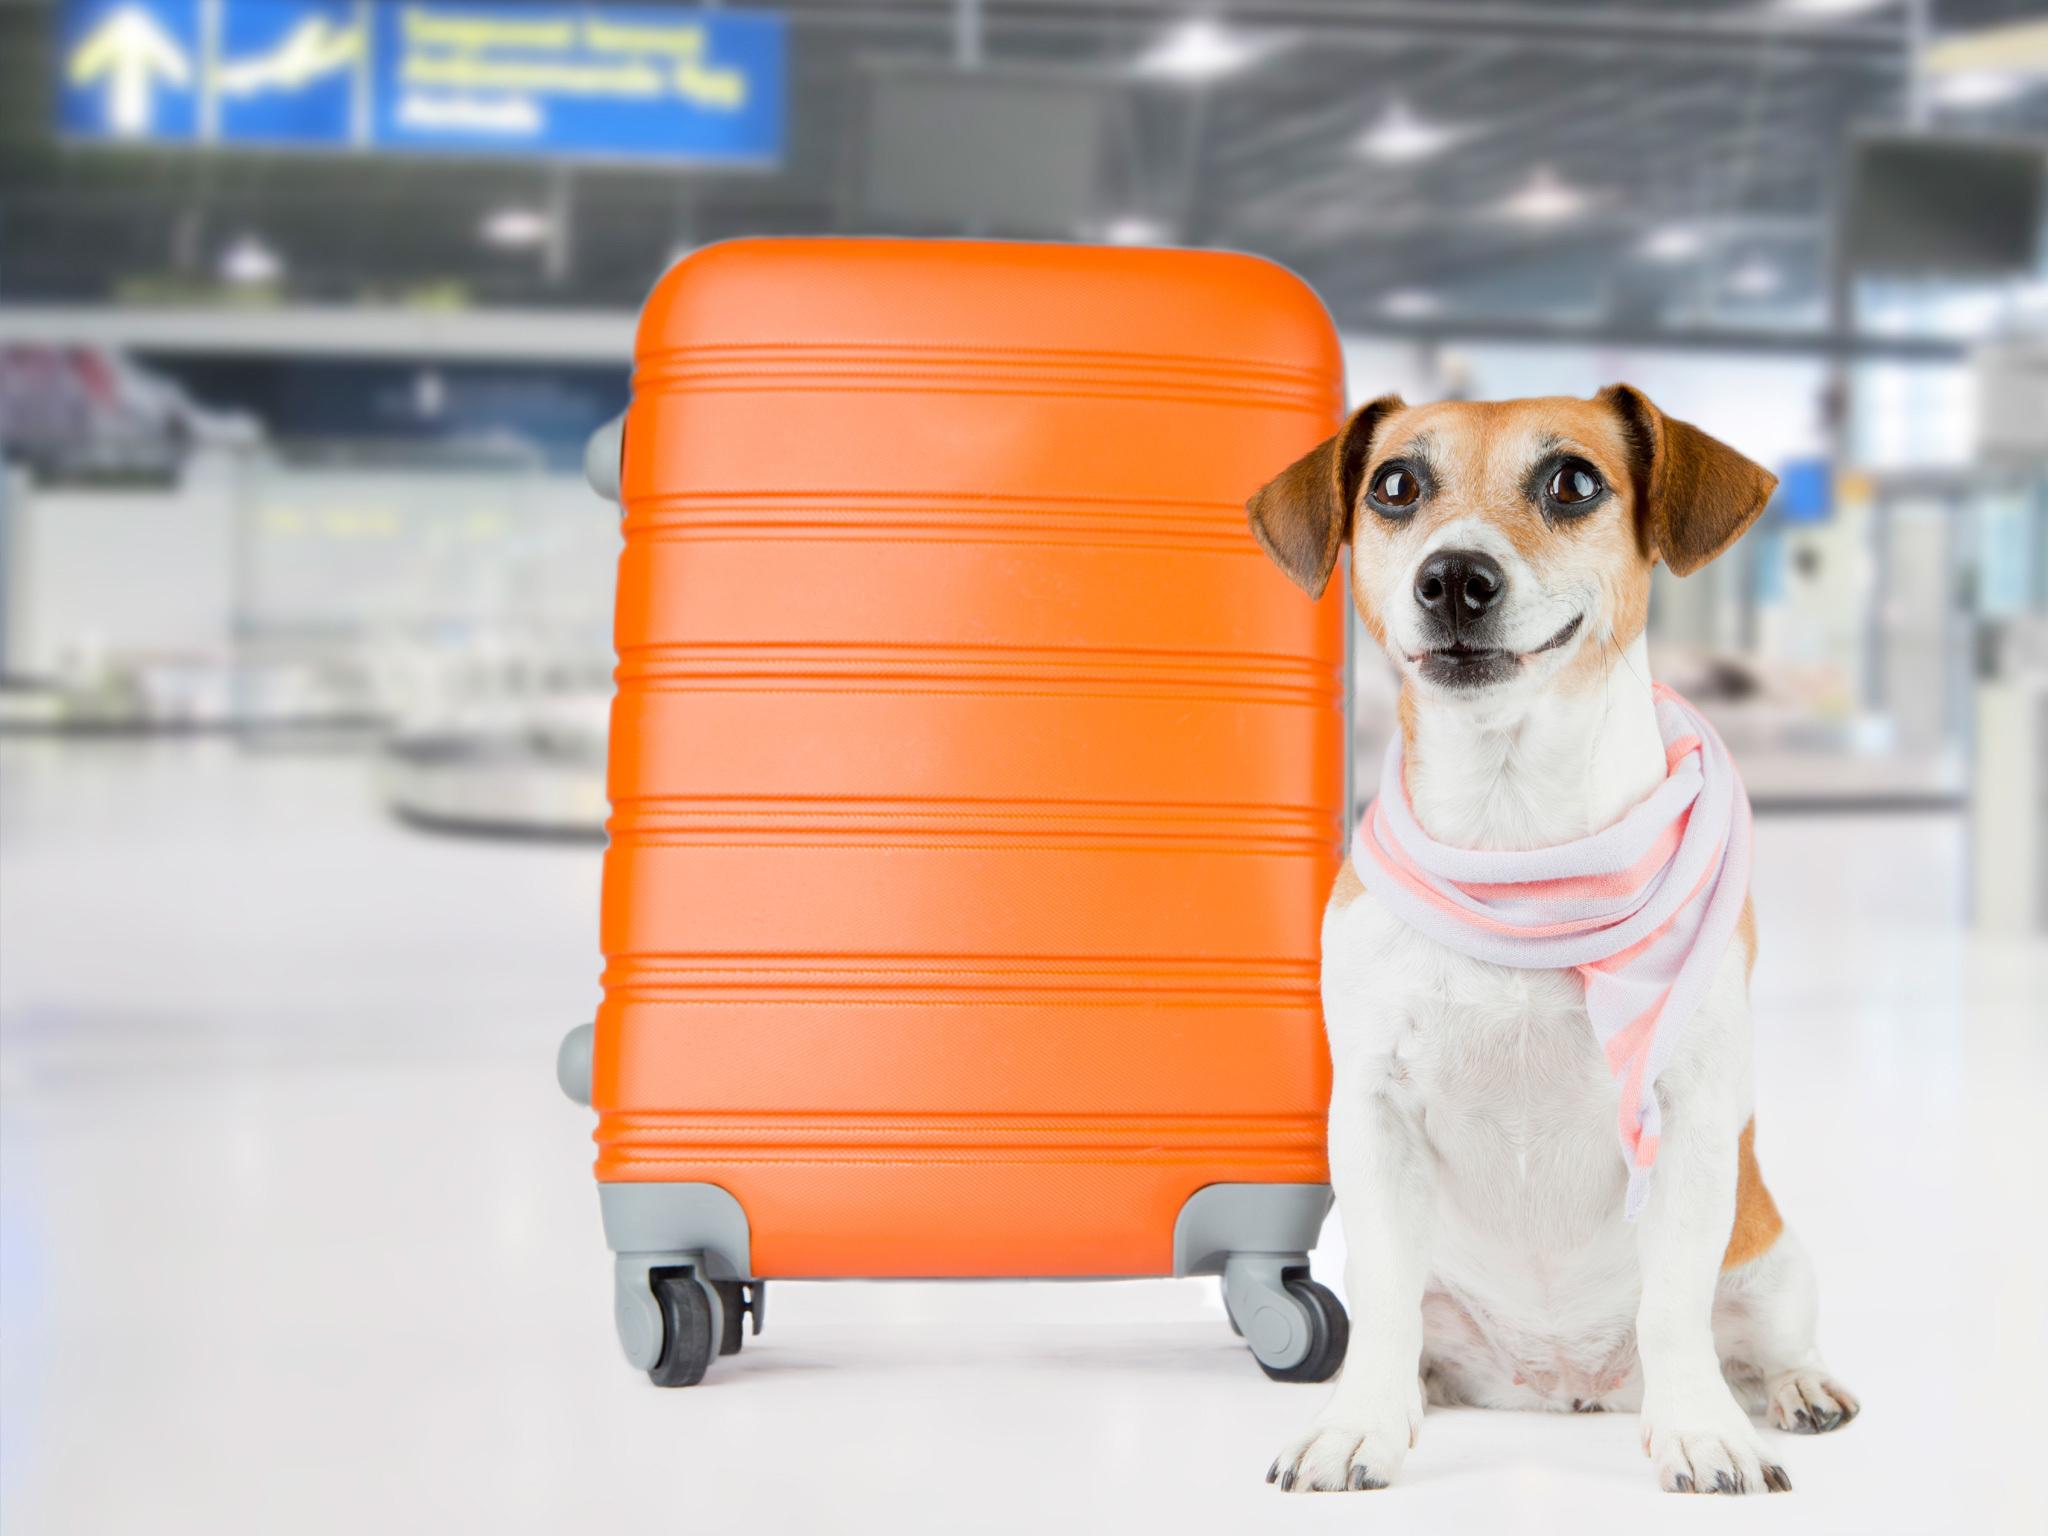 Mascota abordo es el programa de Volaris para volar con tu perro a bordo